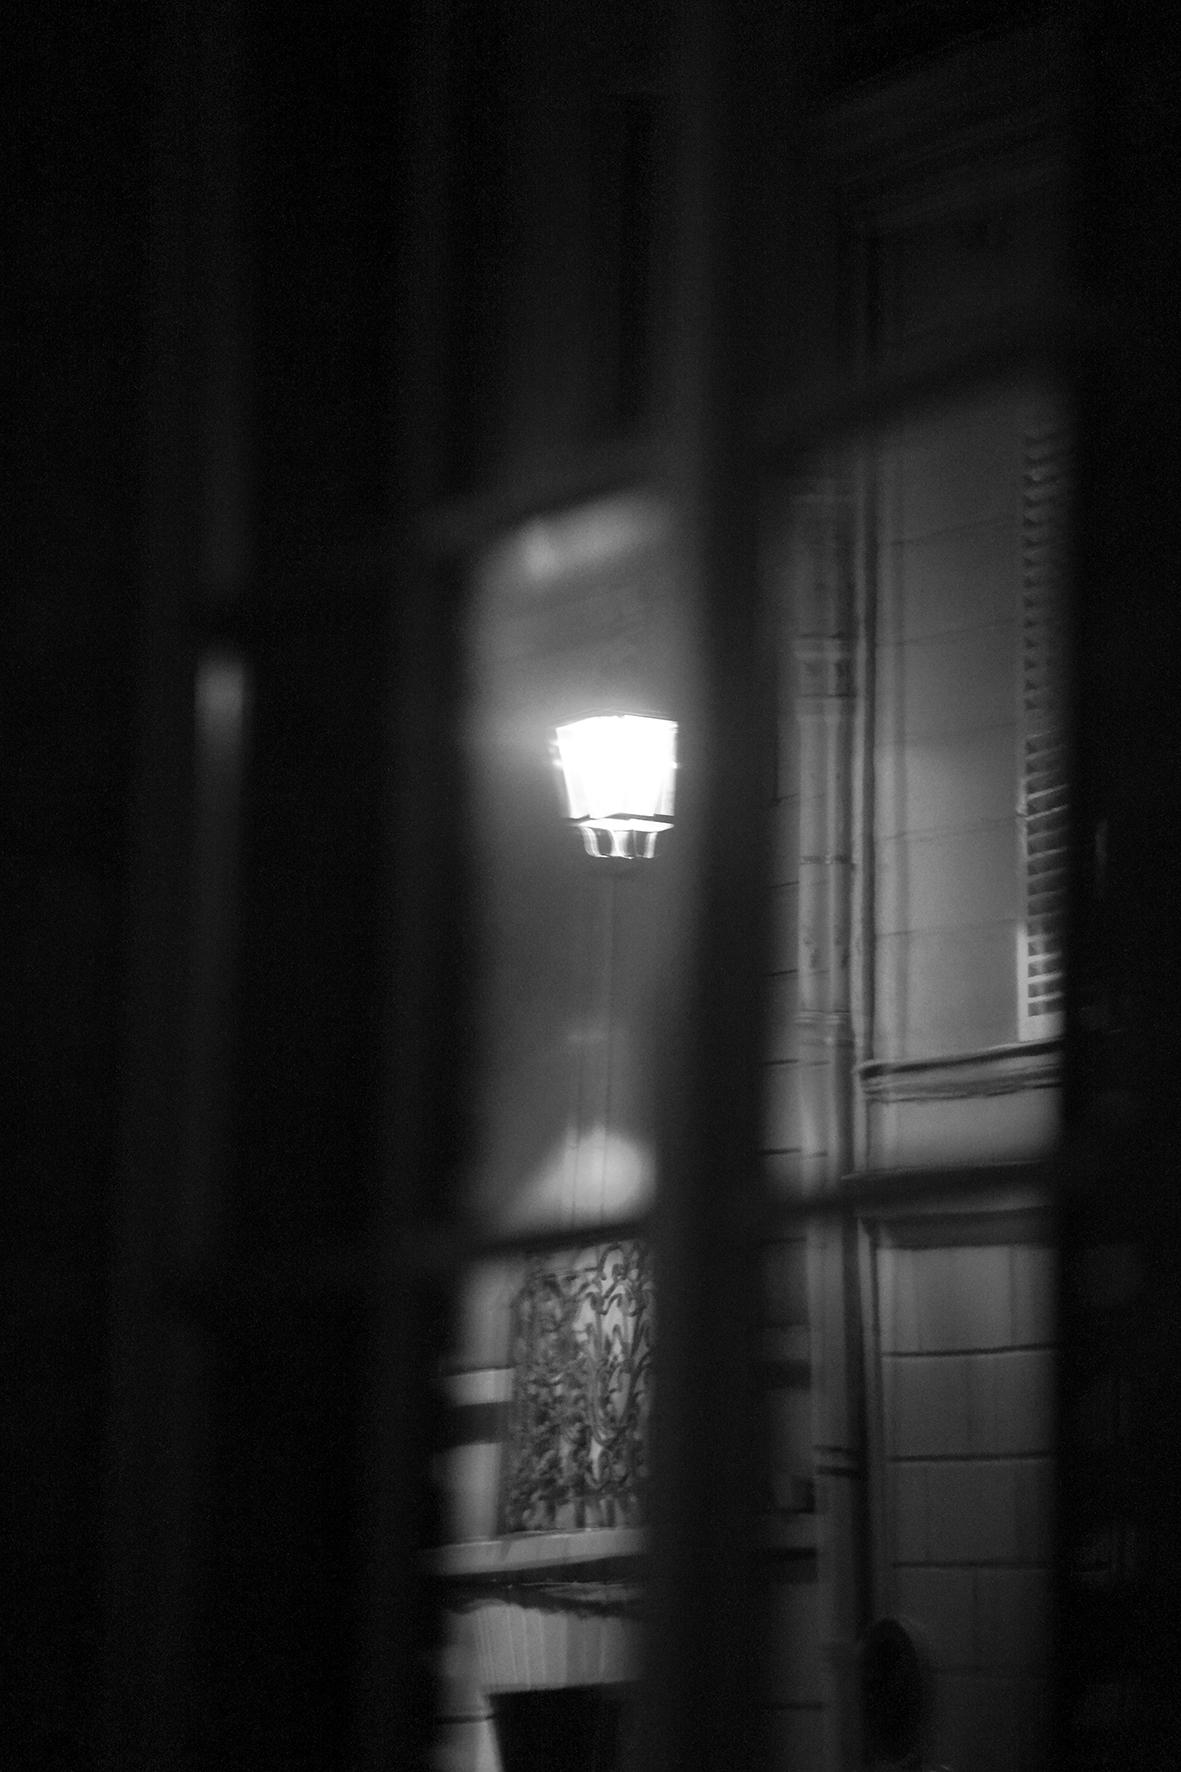 Photographe : lumière ou obscurité n°21